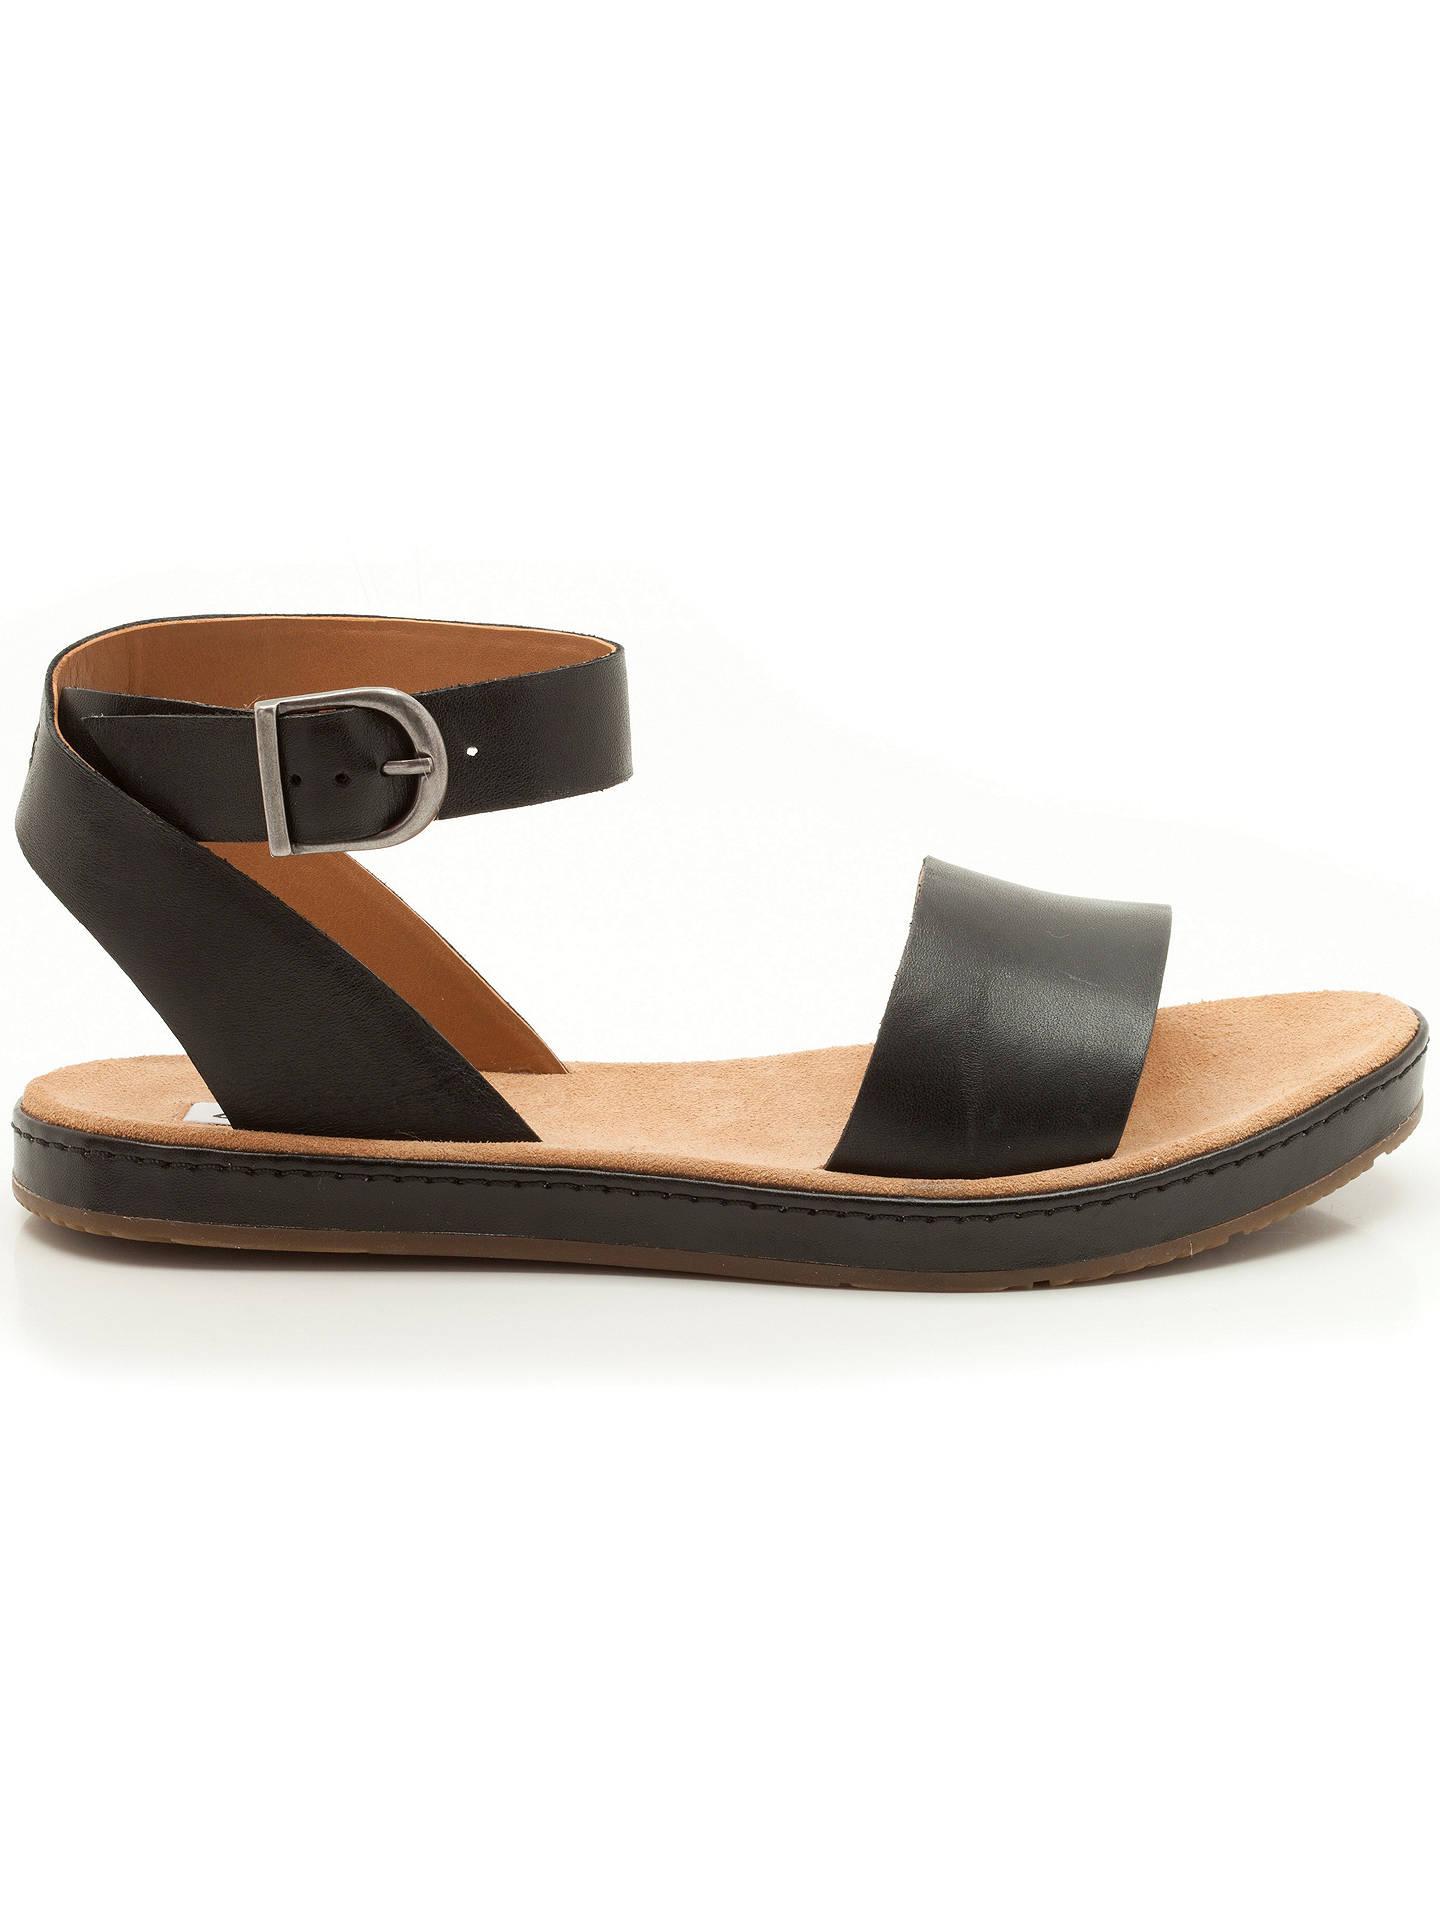 983521d2c Clarks Romantic Moon Leather Sandals at John Lewis   Partners